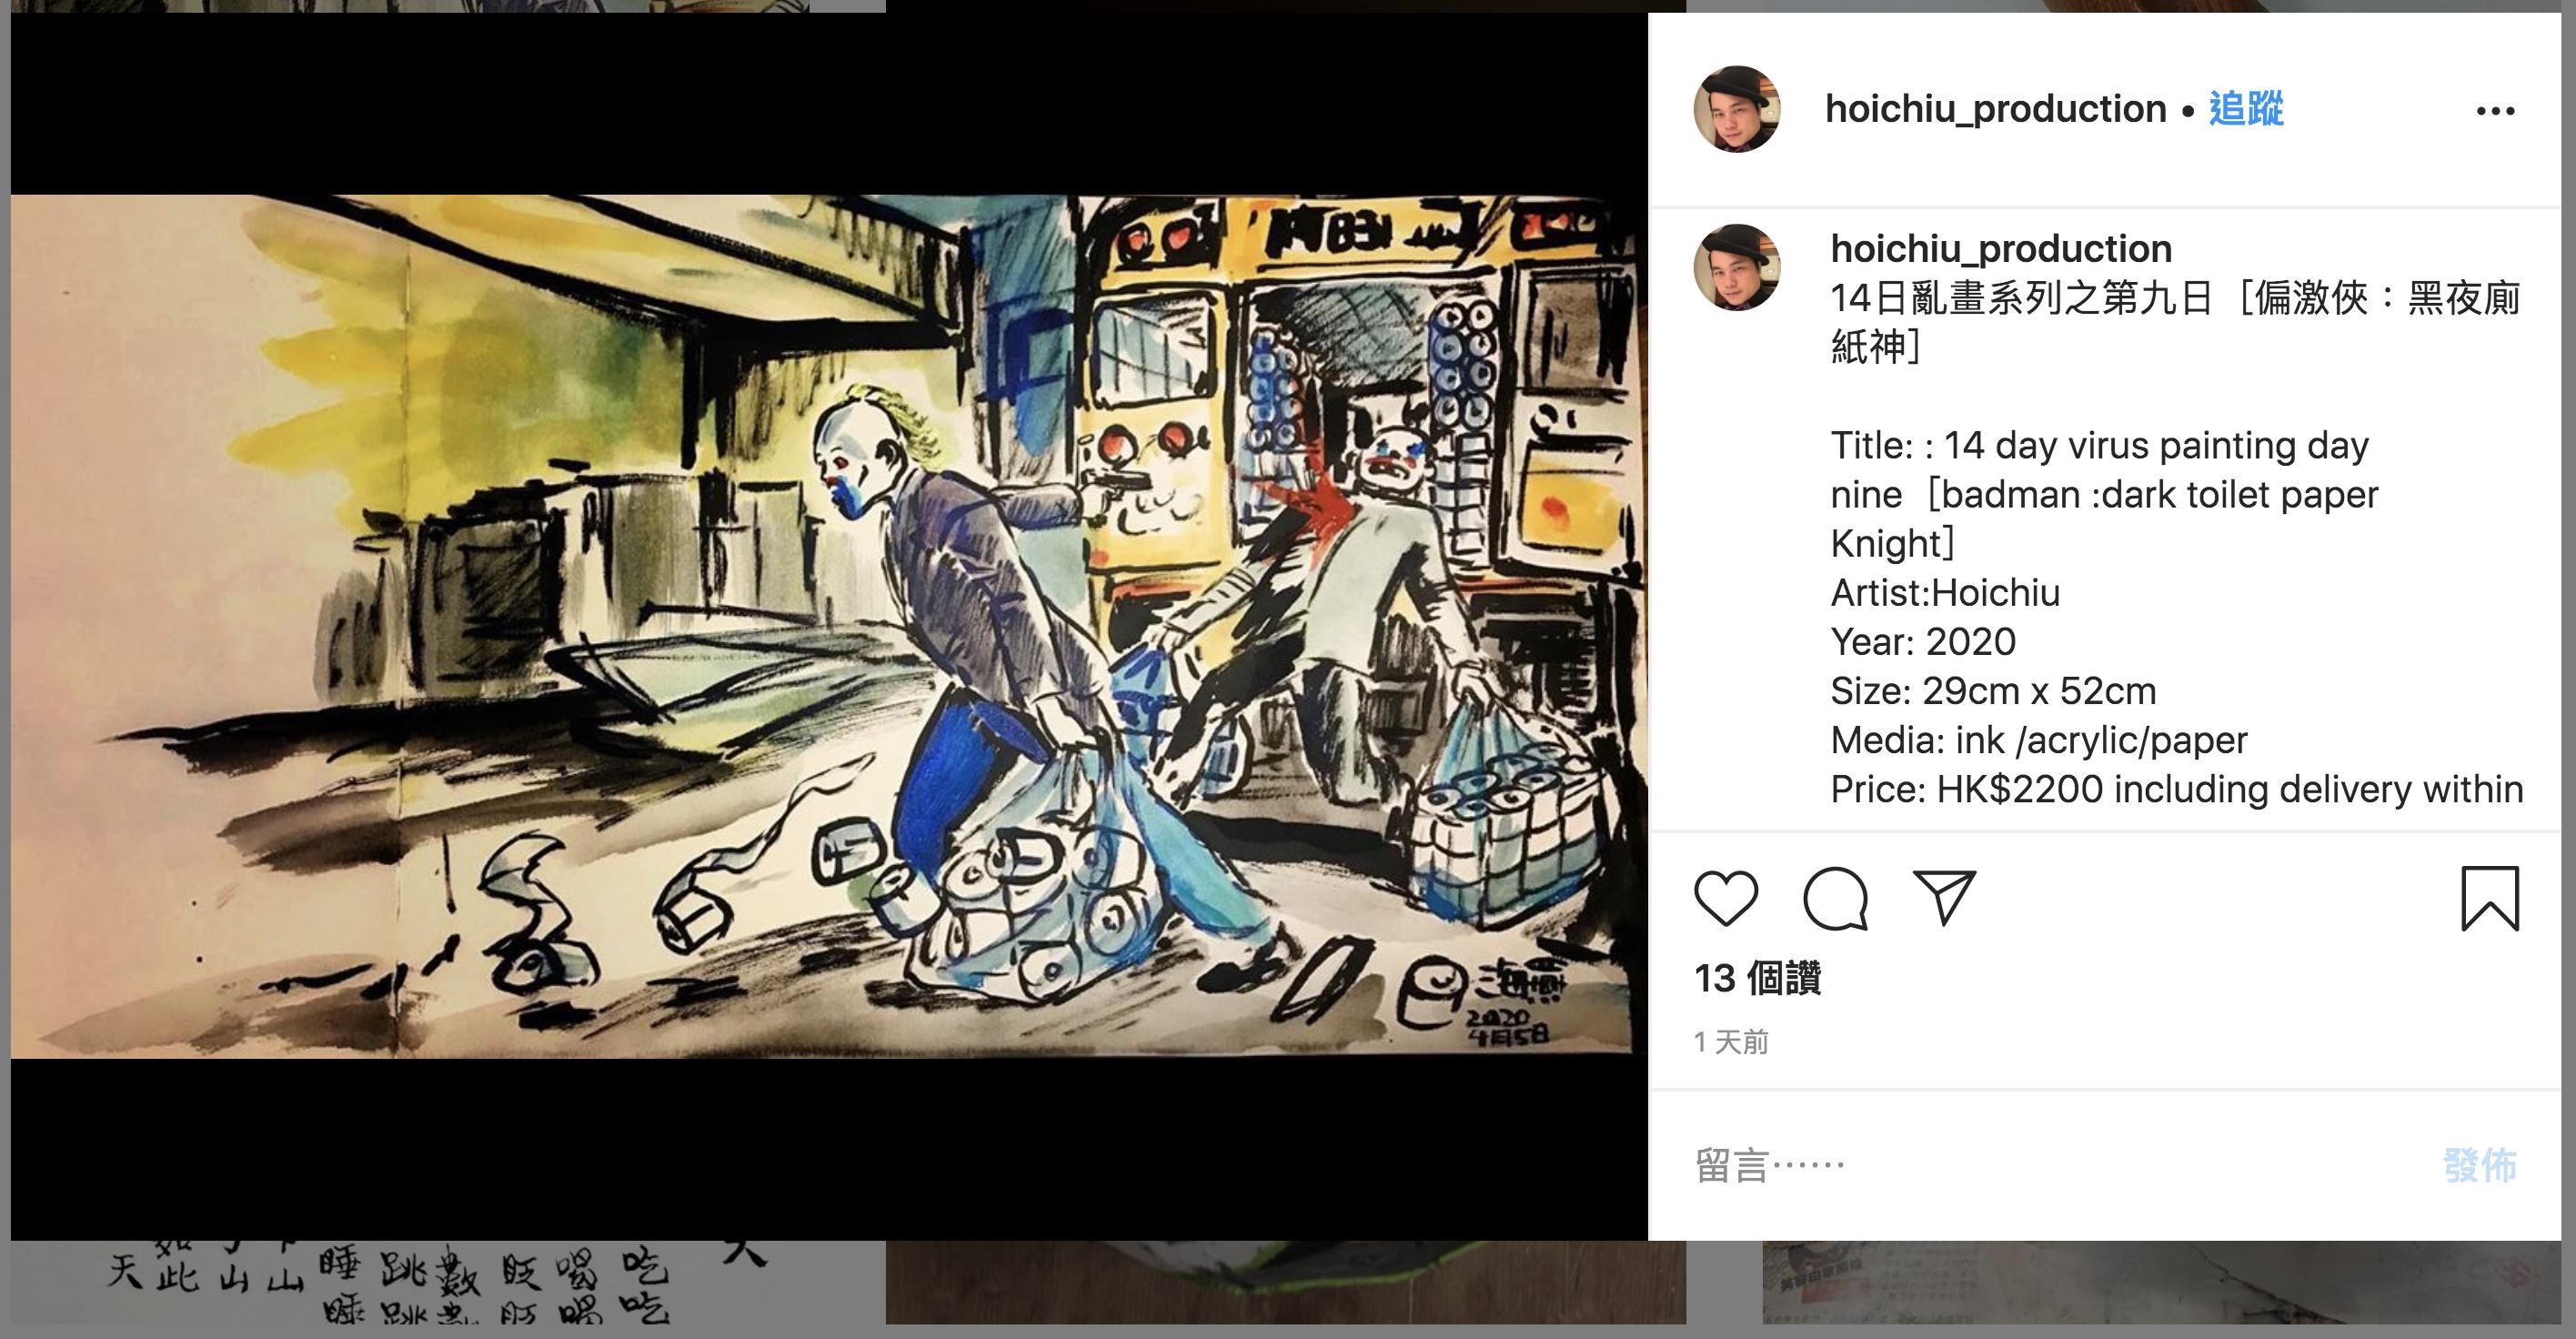 Hoichiu的貼地惡搞Joker有否令你會心一笑?